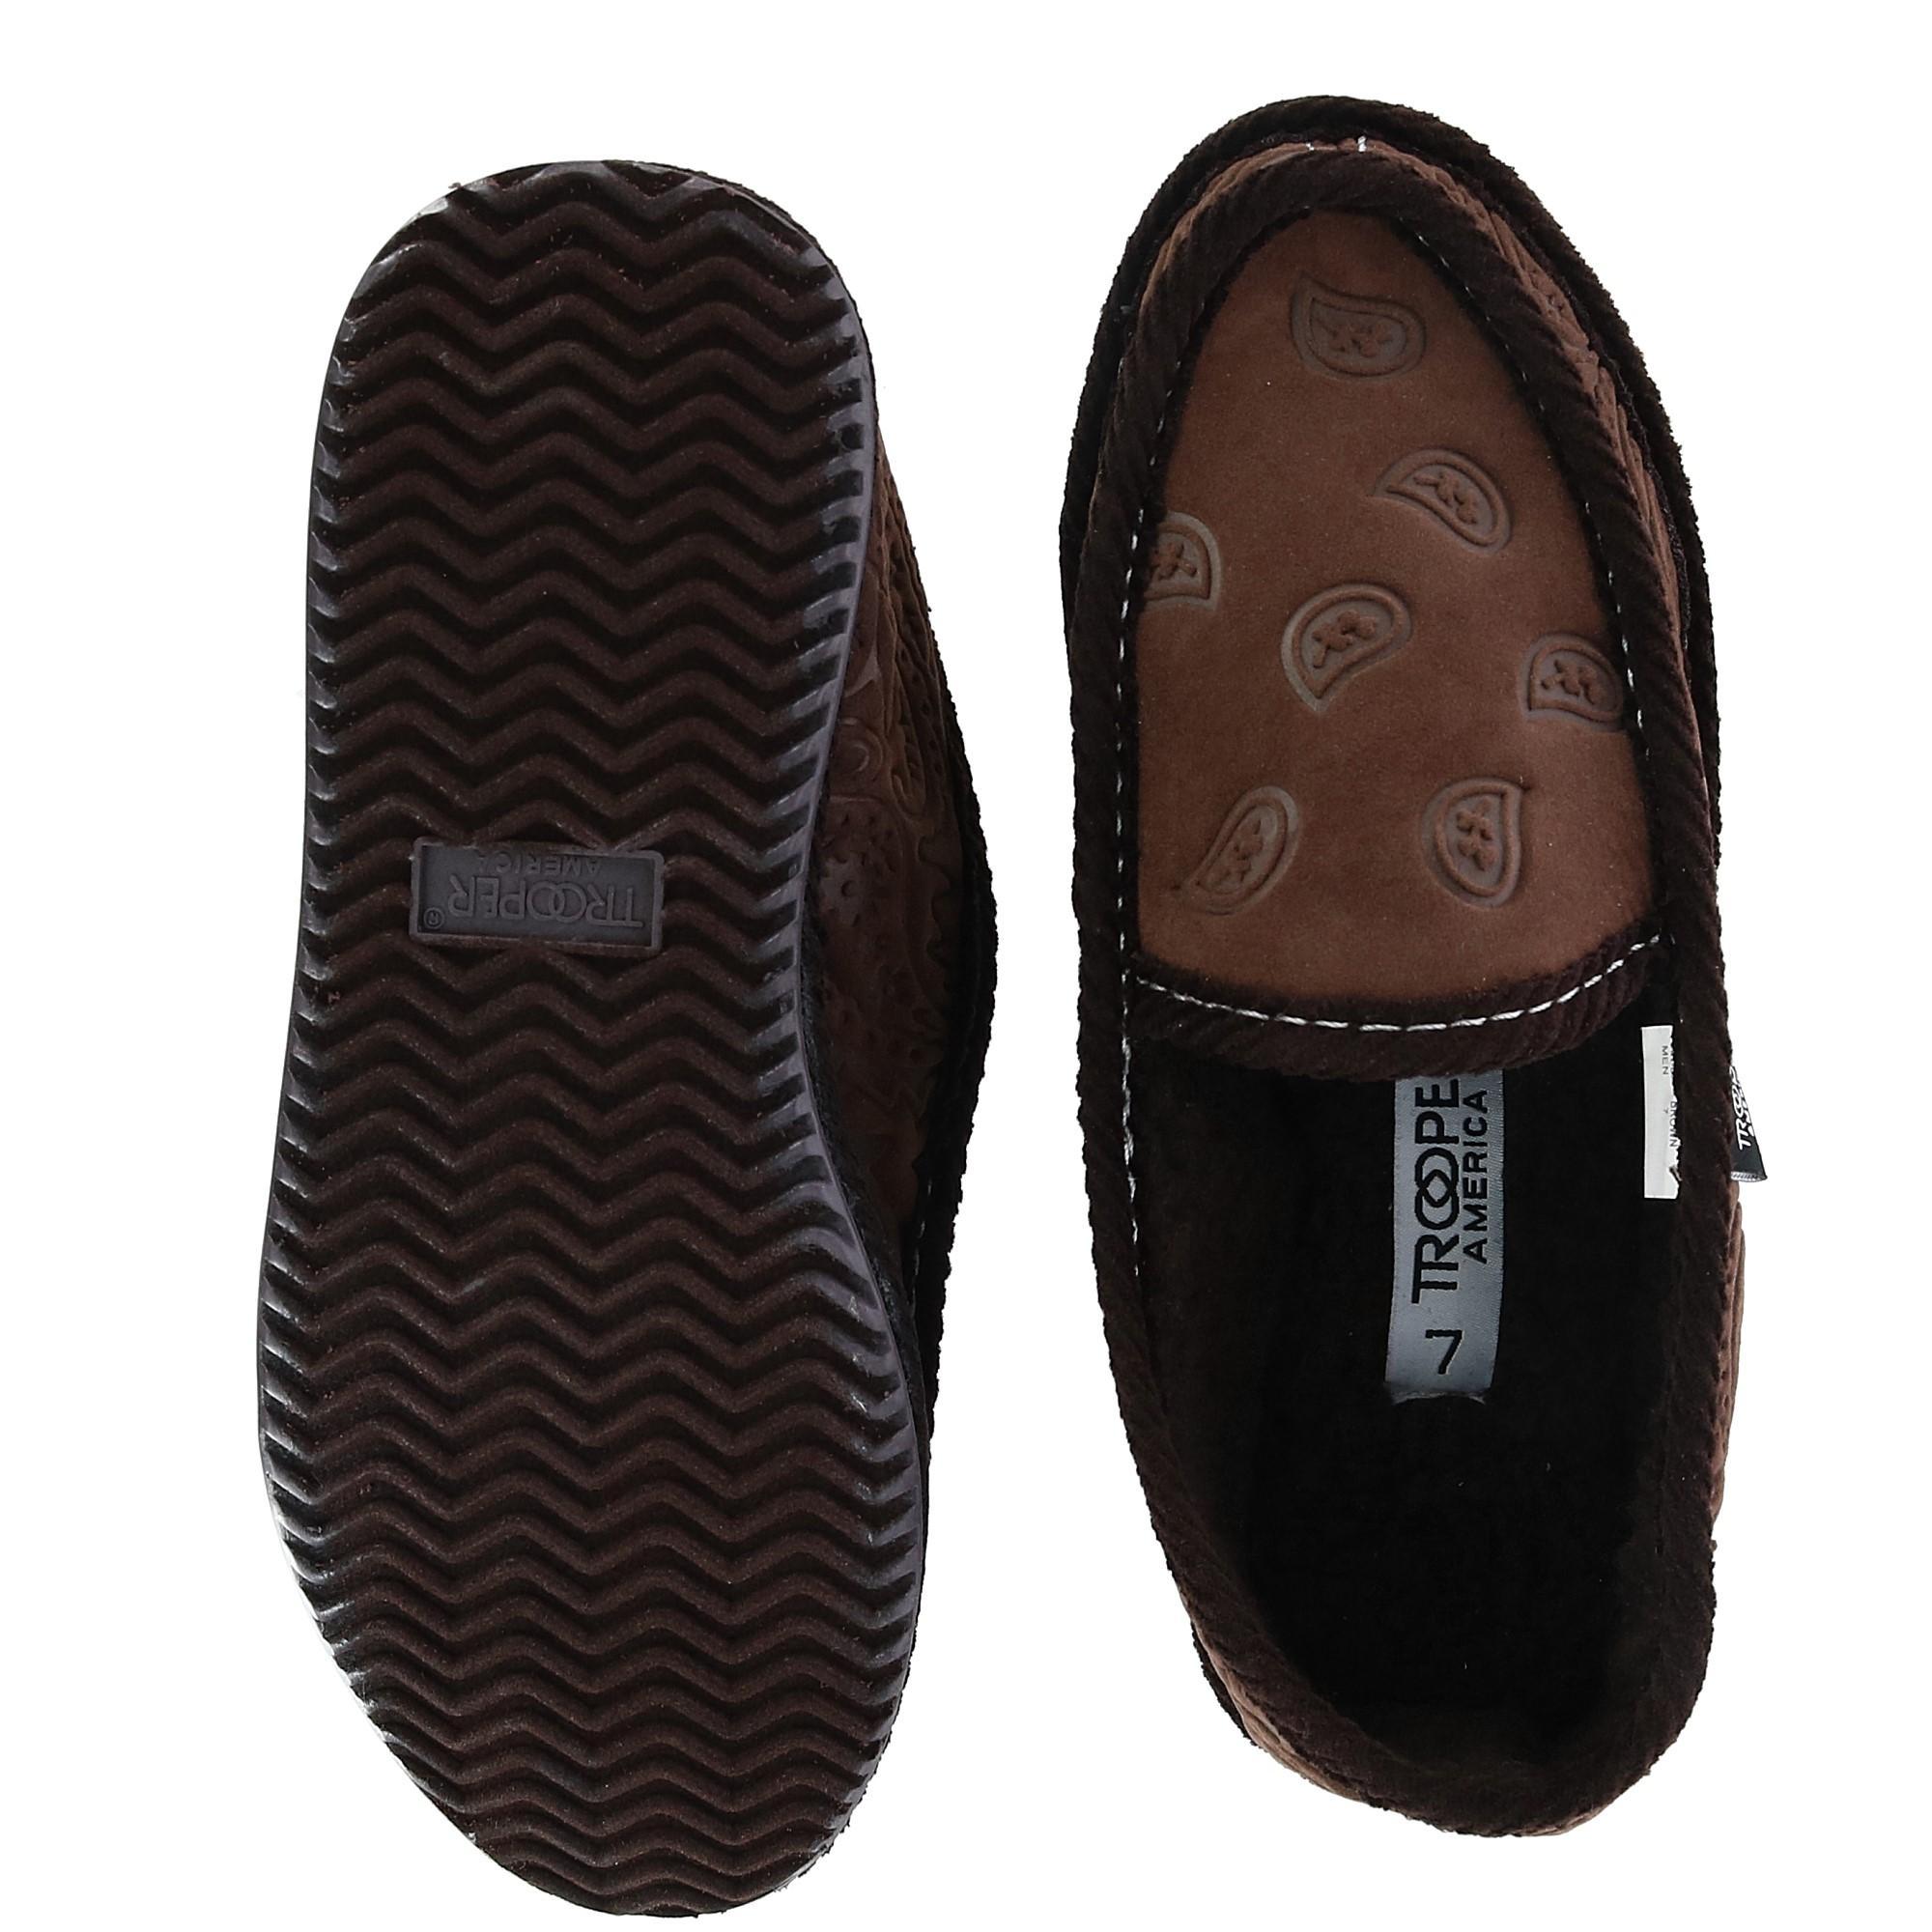 a0ea9e036 New Trooper America Men's Monotone Paisley Bandana Print House Shoe ...